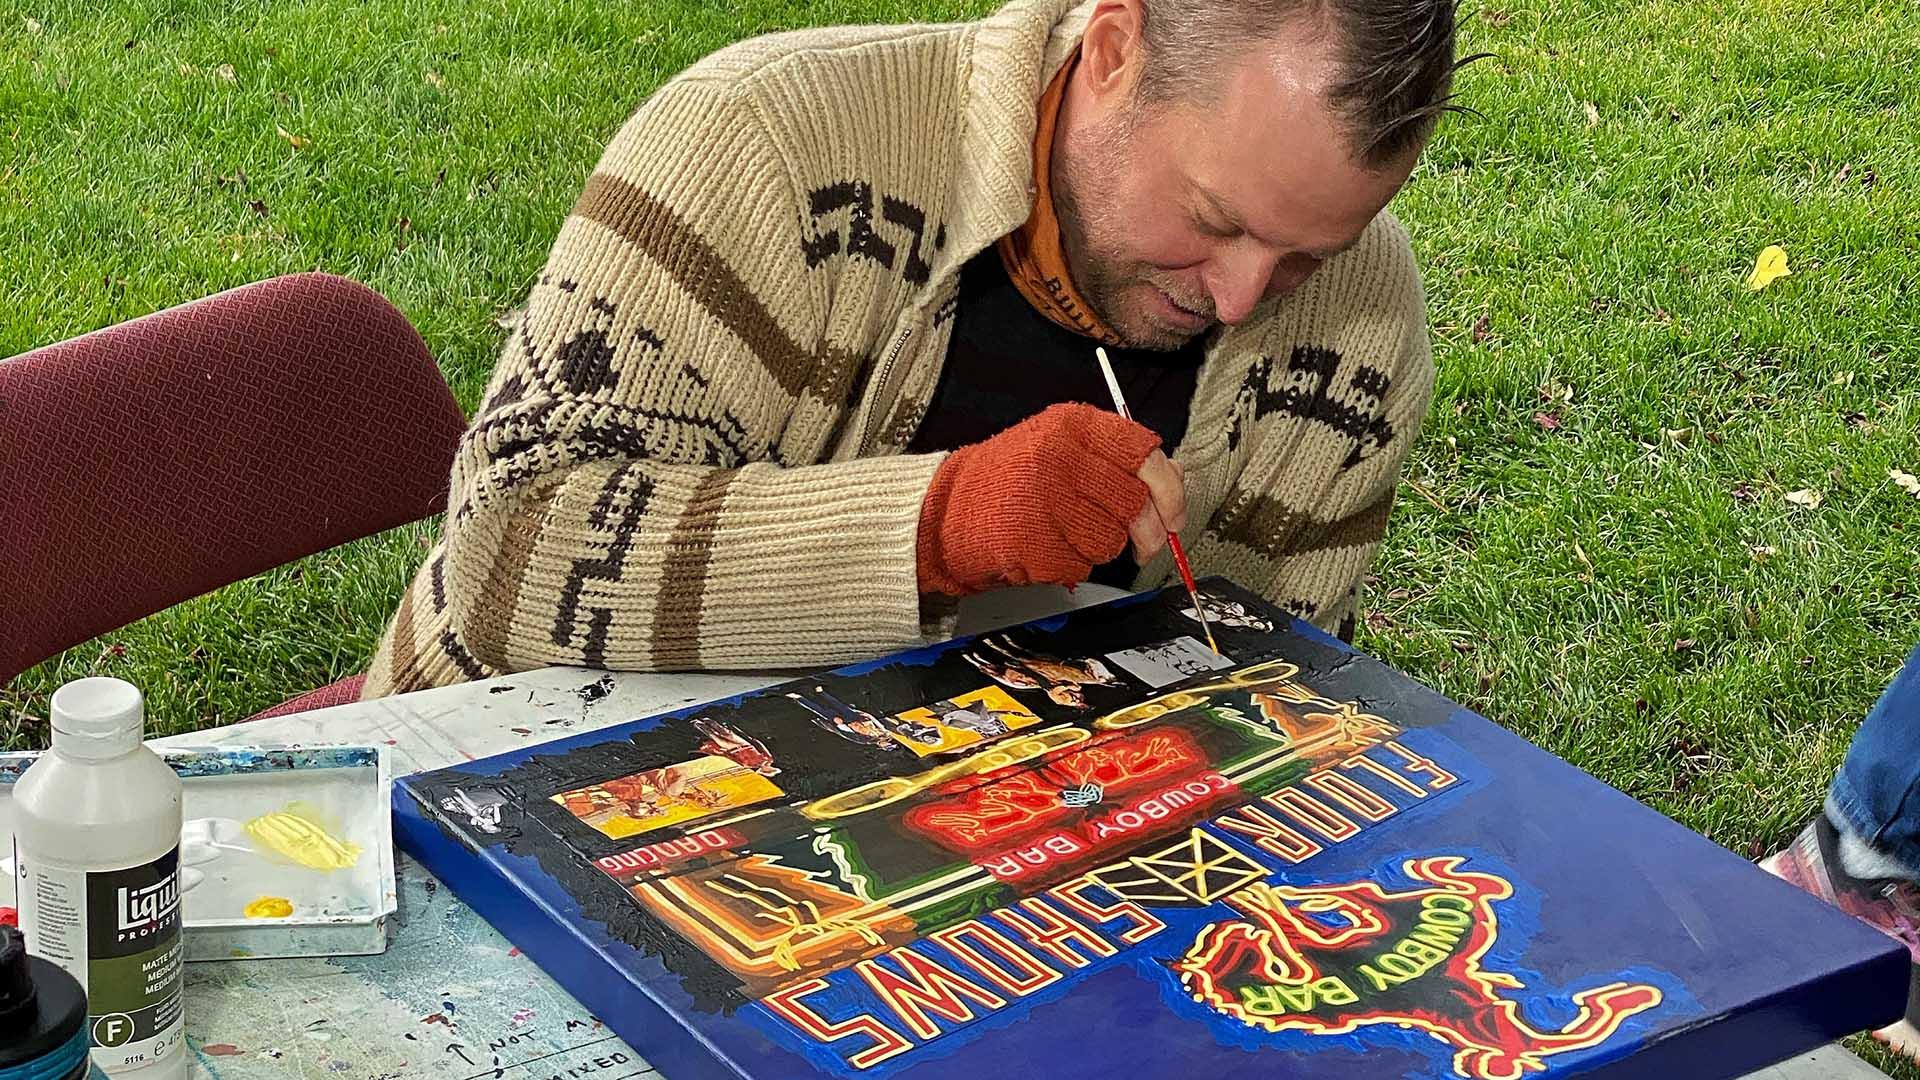 Borbay, Quick Draw, Jackson Hole Fall Arts Festival